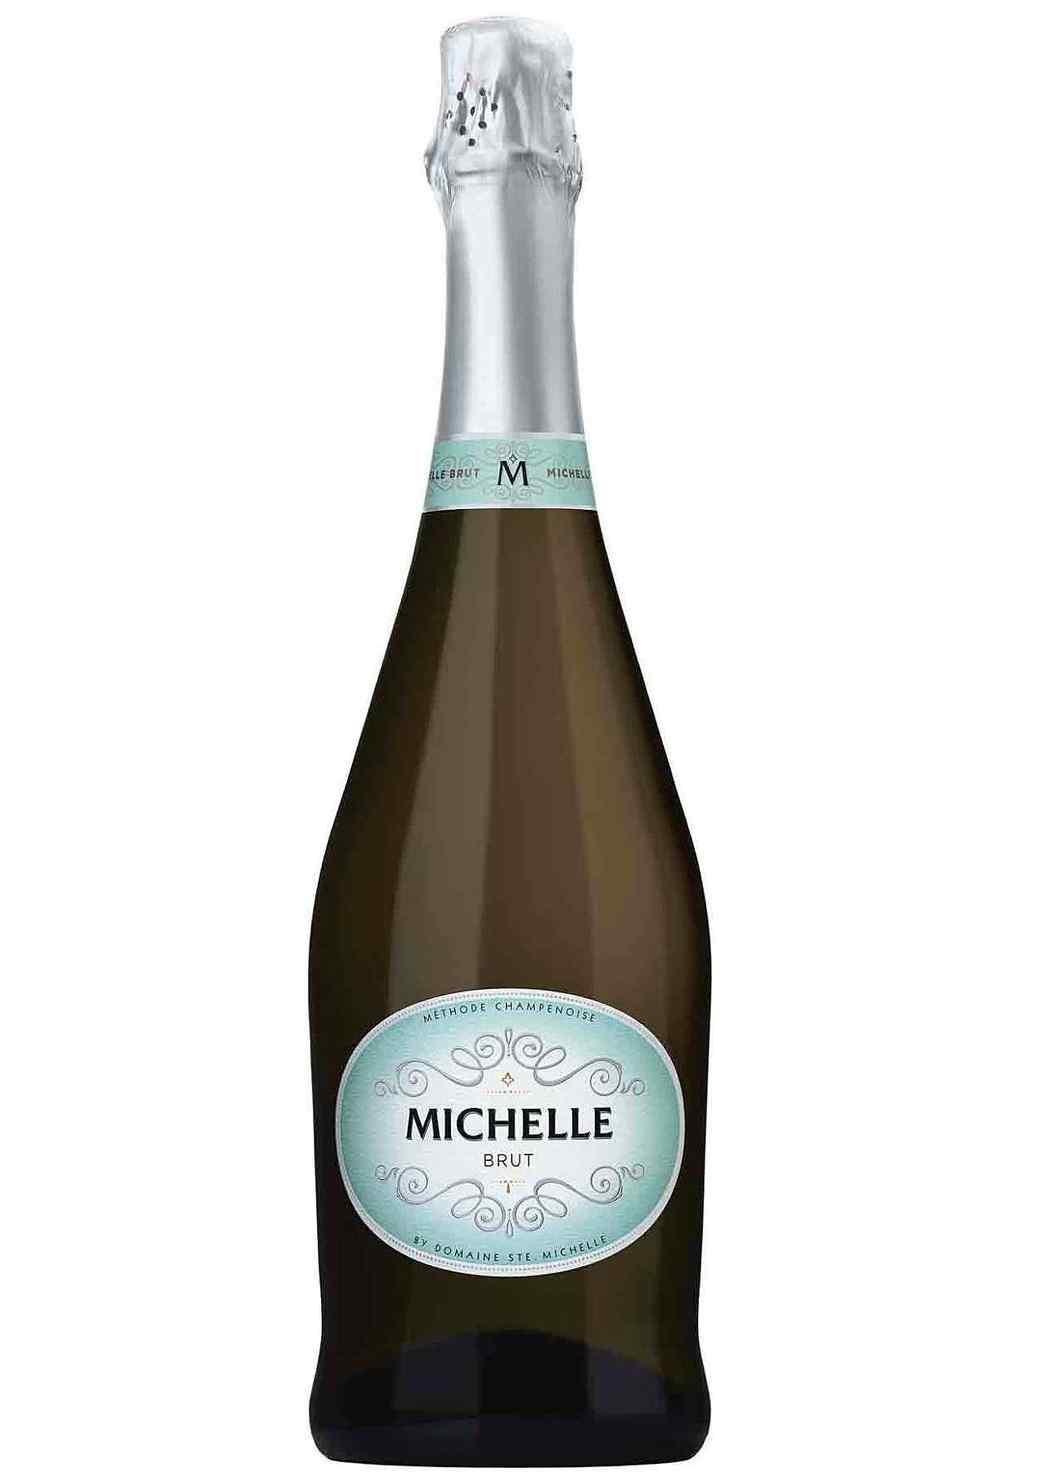 michelle-brut-bottle-0616.jpg (skyword:292705)